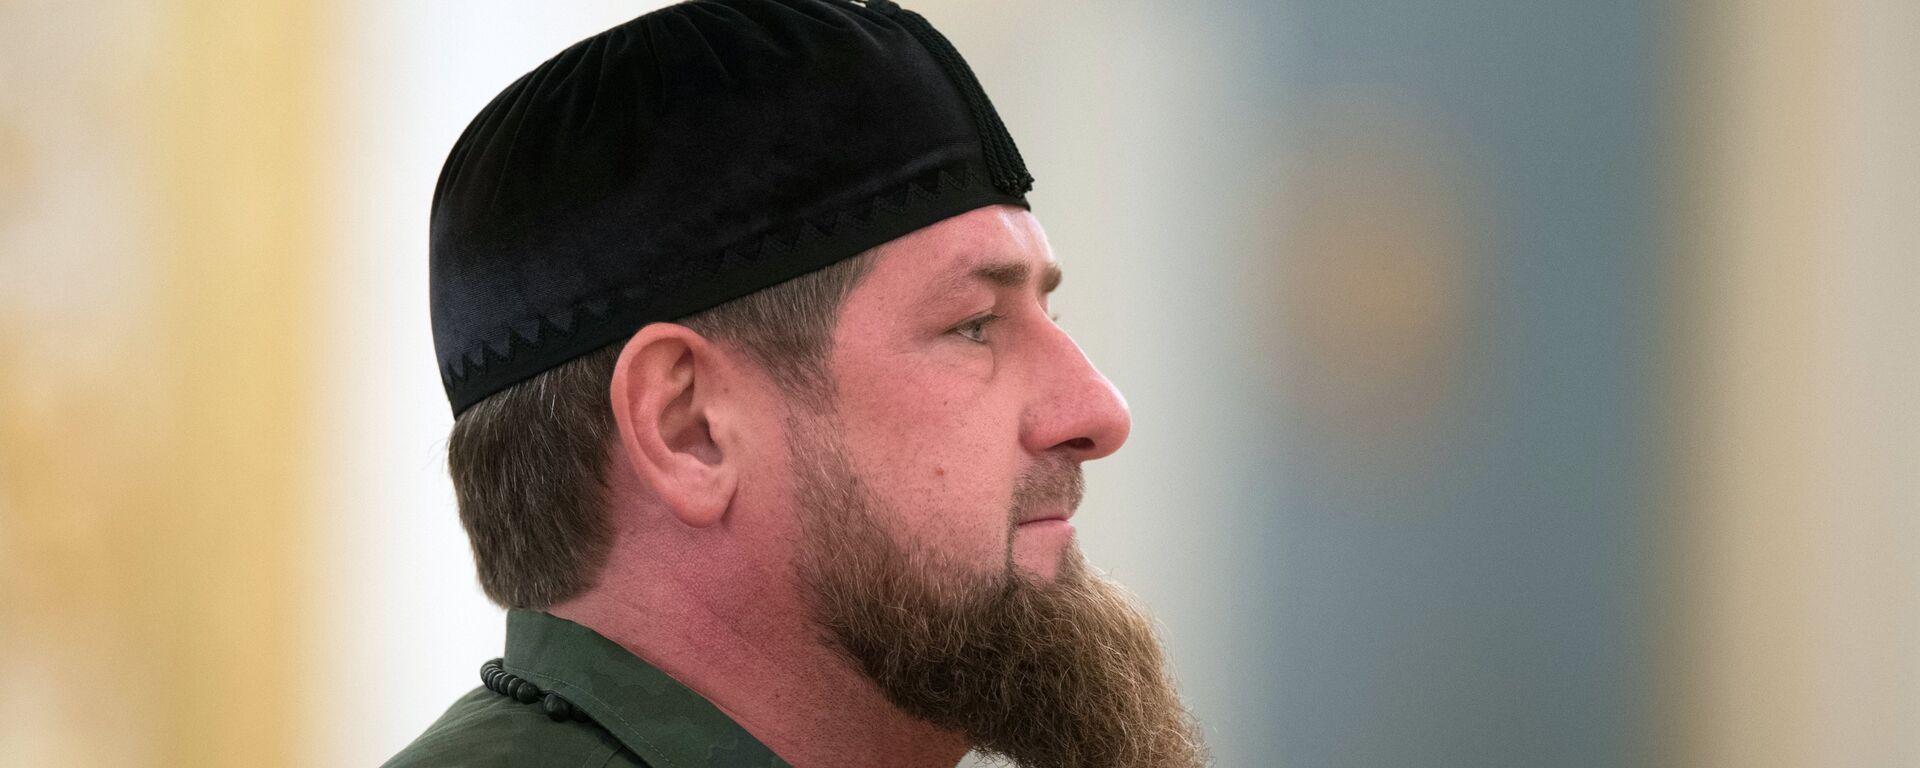 Ramzán Kadírov, líder de Chechenia - Sputnik Mundo, 1920, 20.09.2021